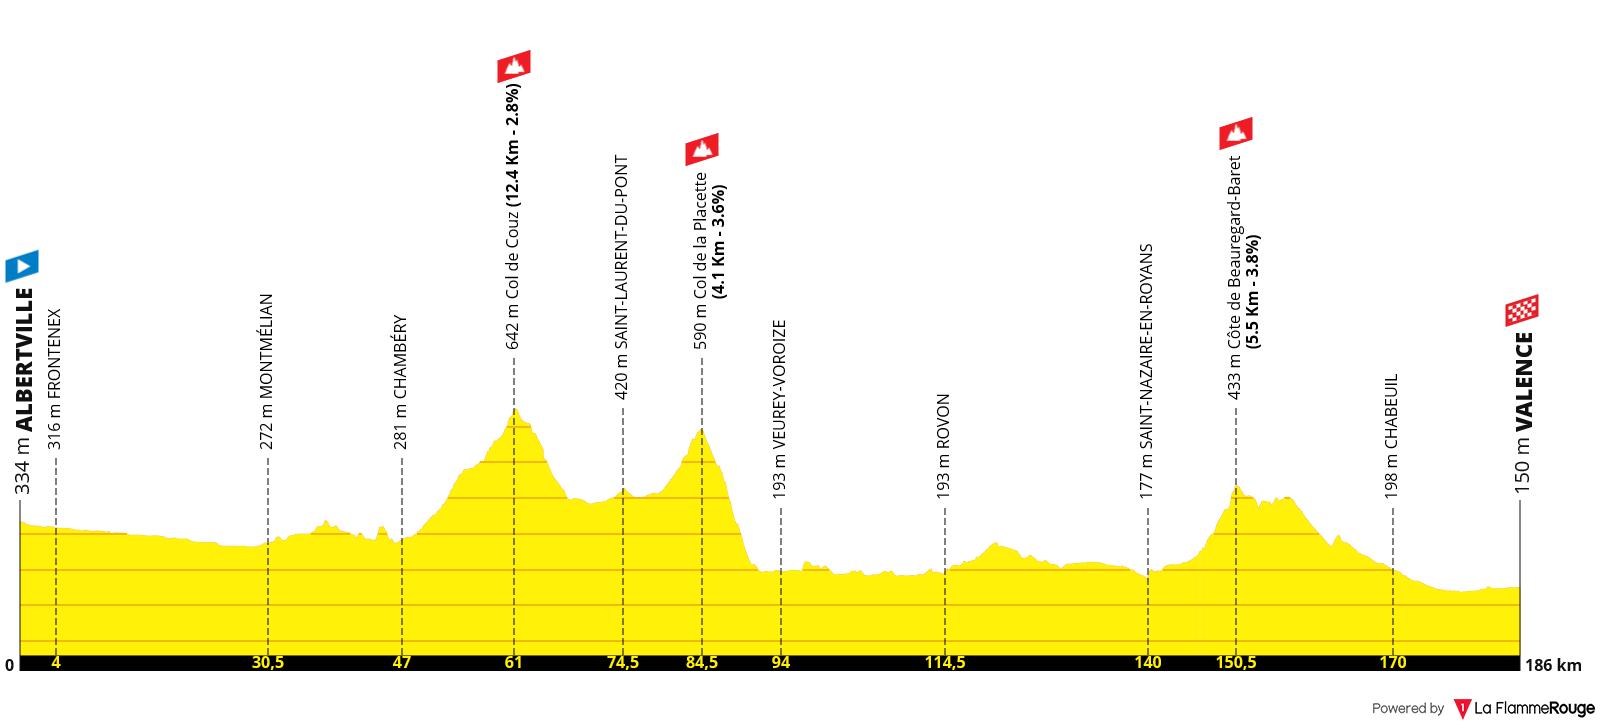 Etapa 10 - Tour de Francia 2021